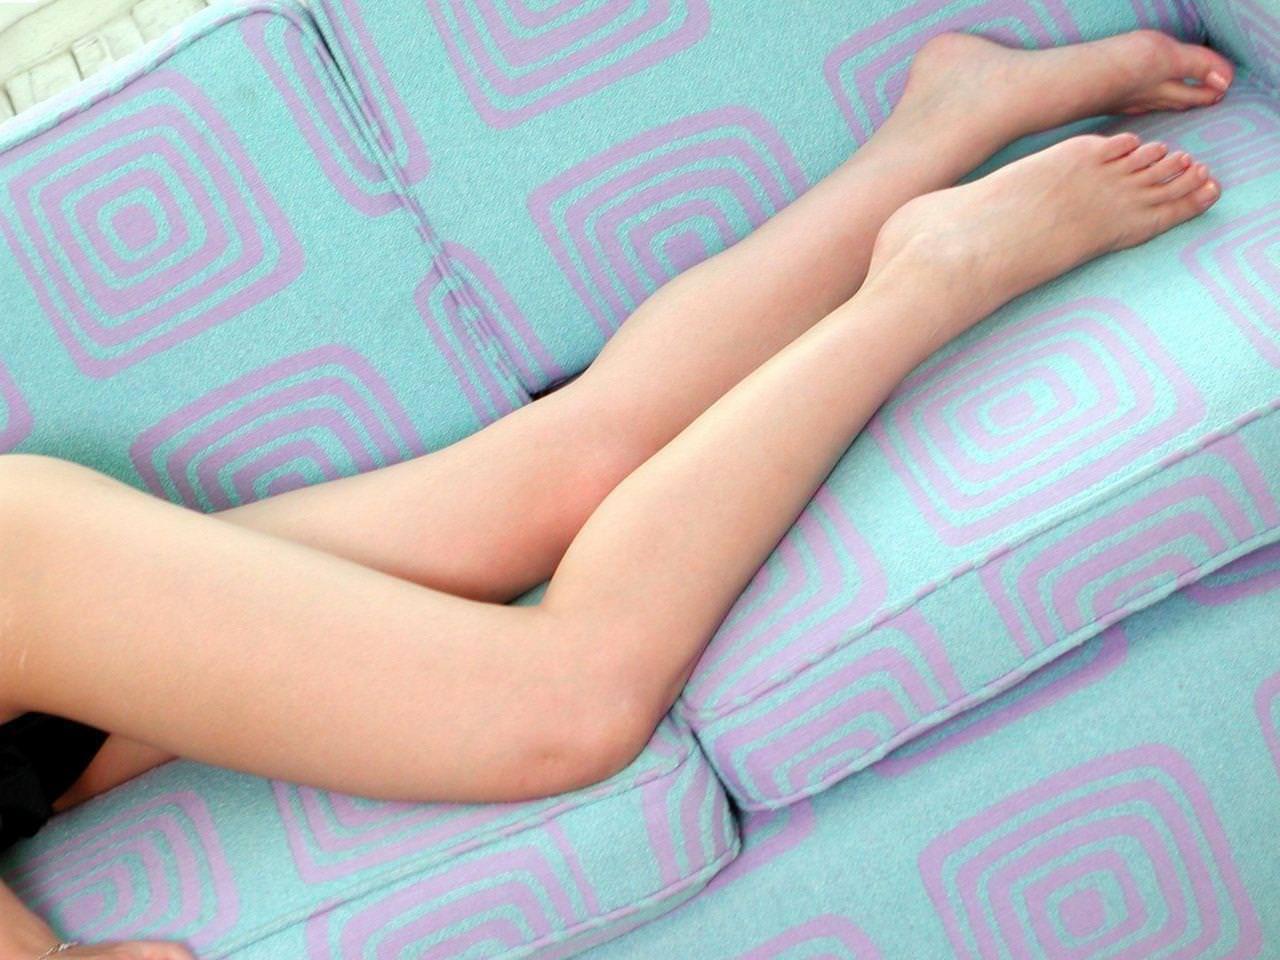 エロい生脚の女の子 13